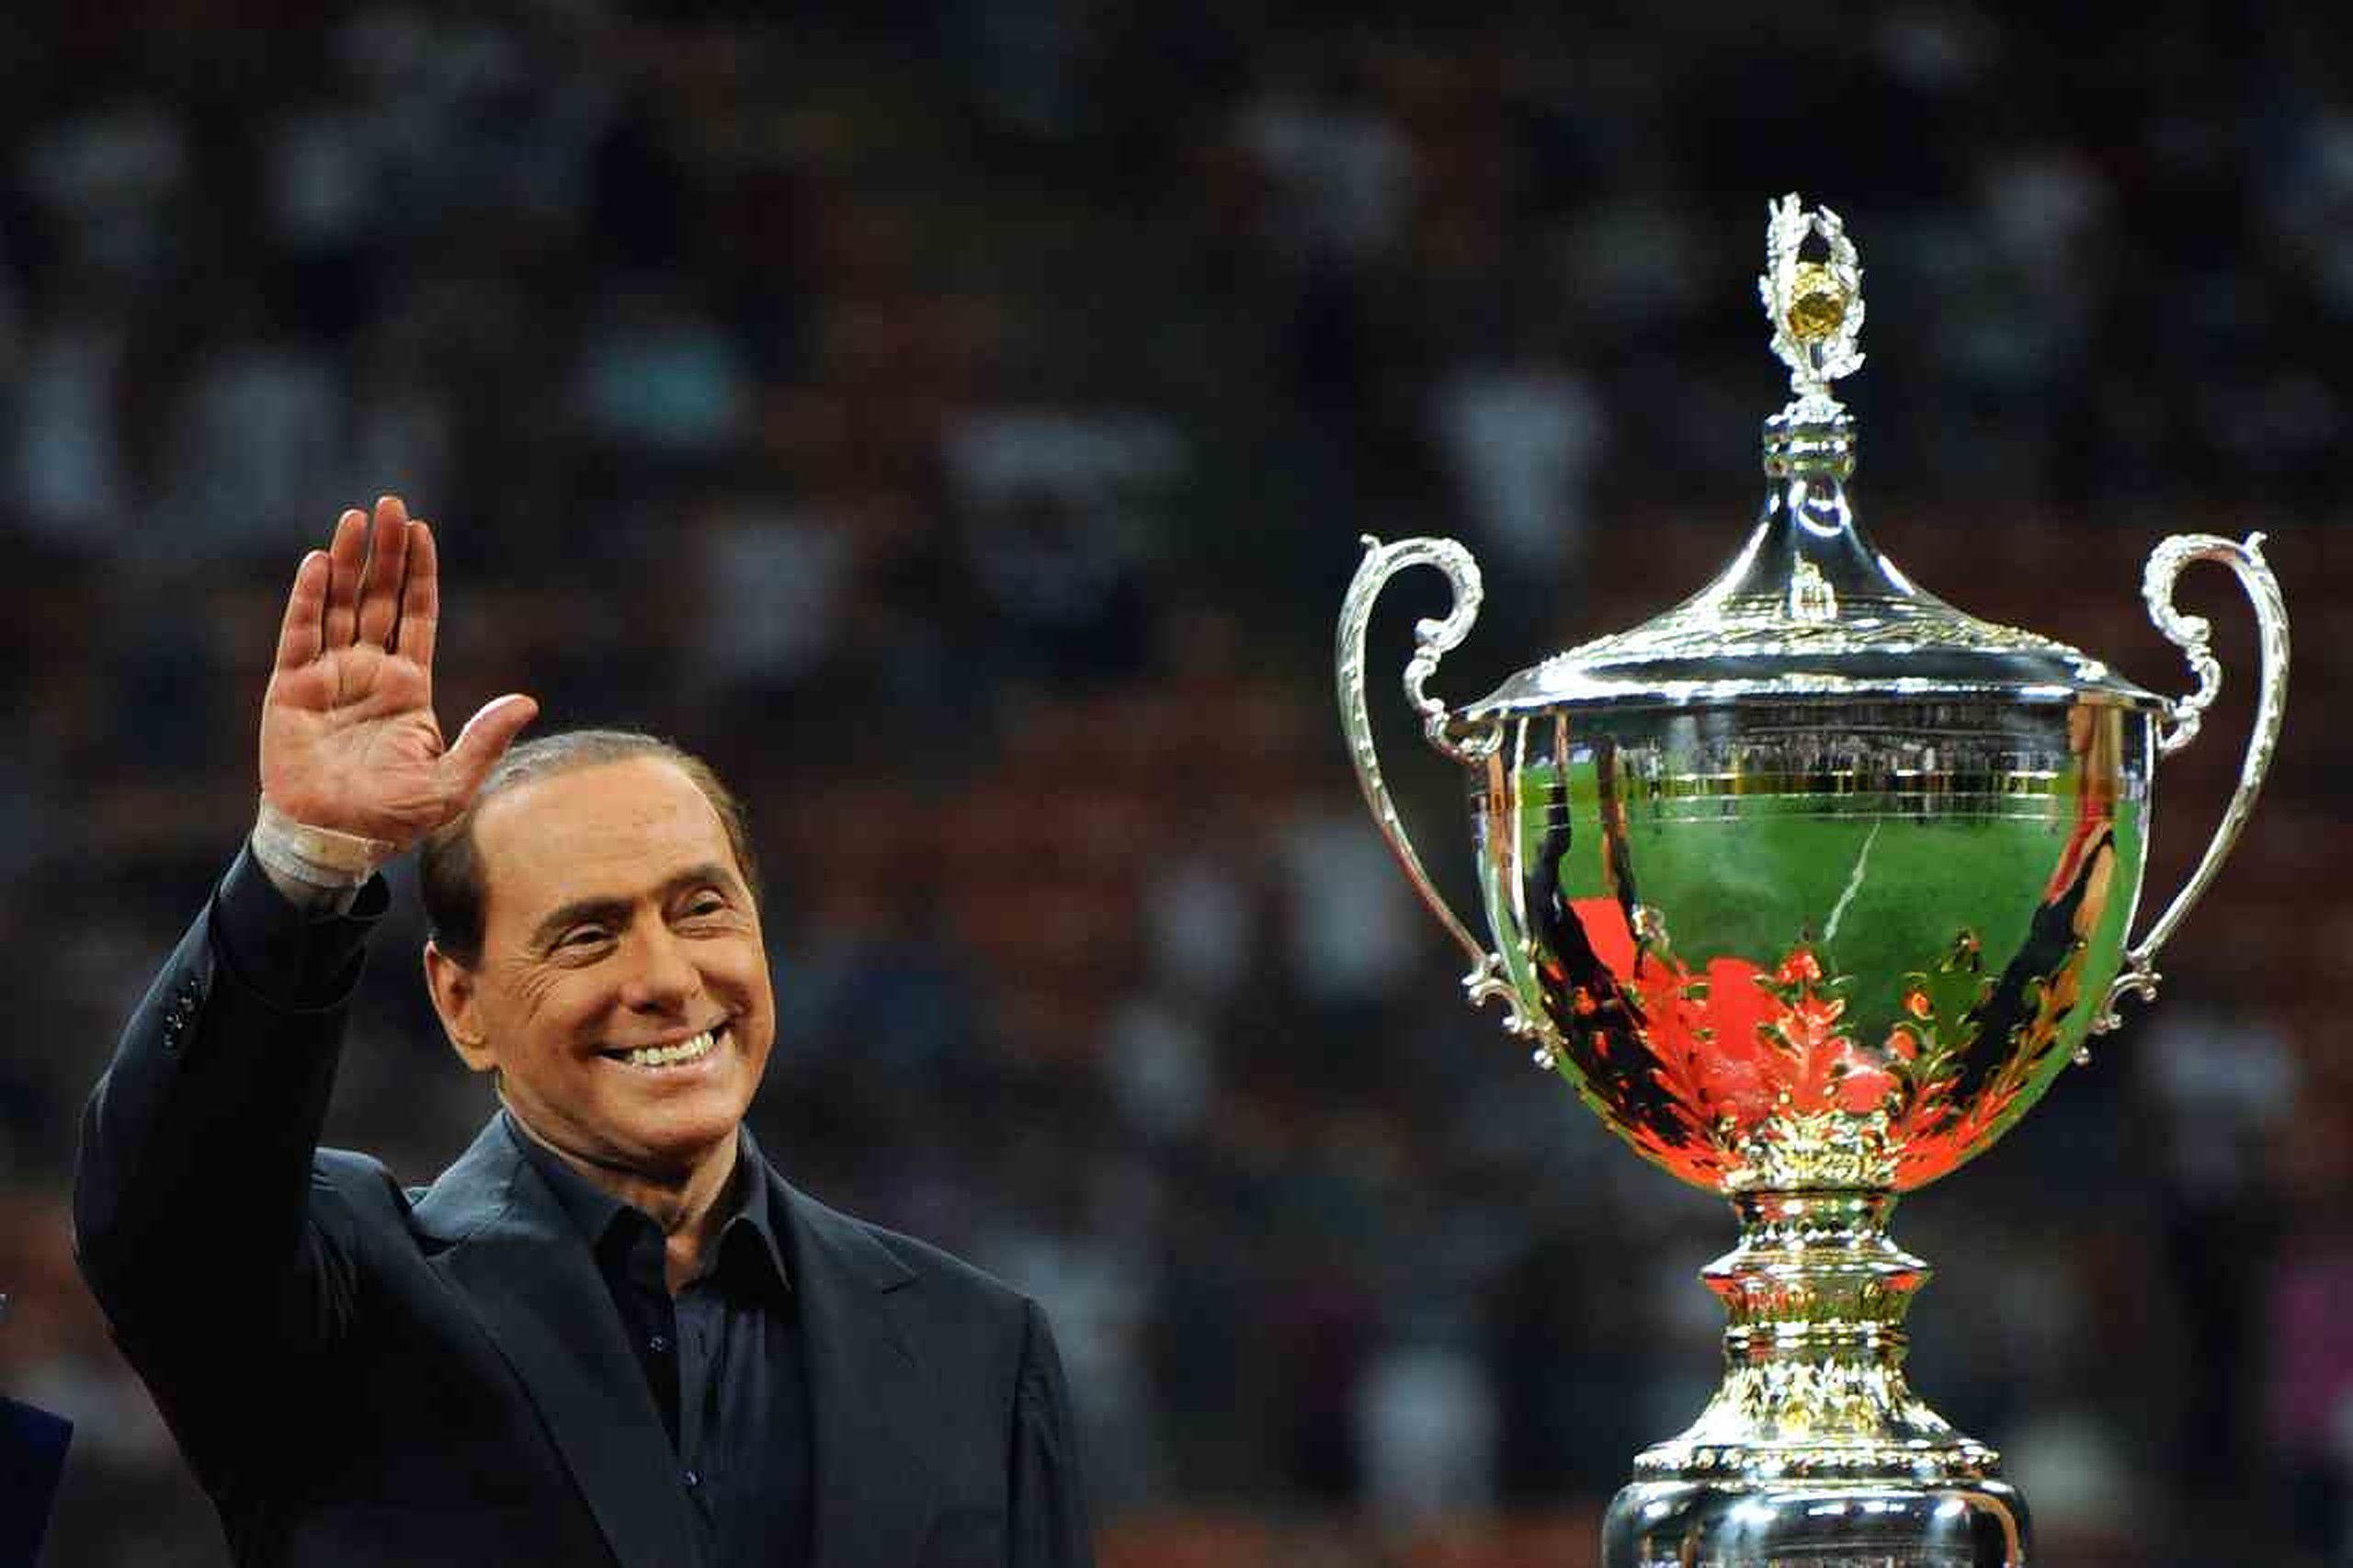 Calcio: Monza Juventus nel Trofeo Berlusconi 2021, diretta esclusiva Italia 1